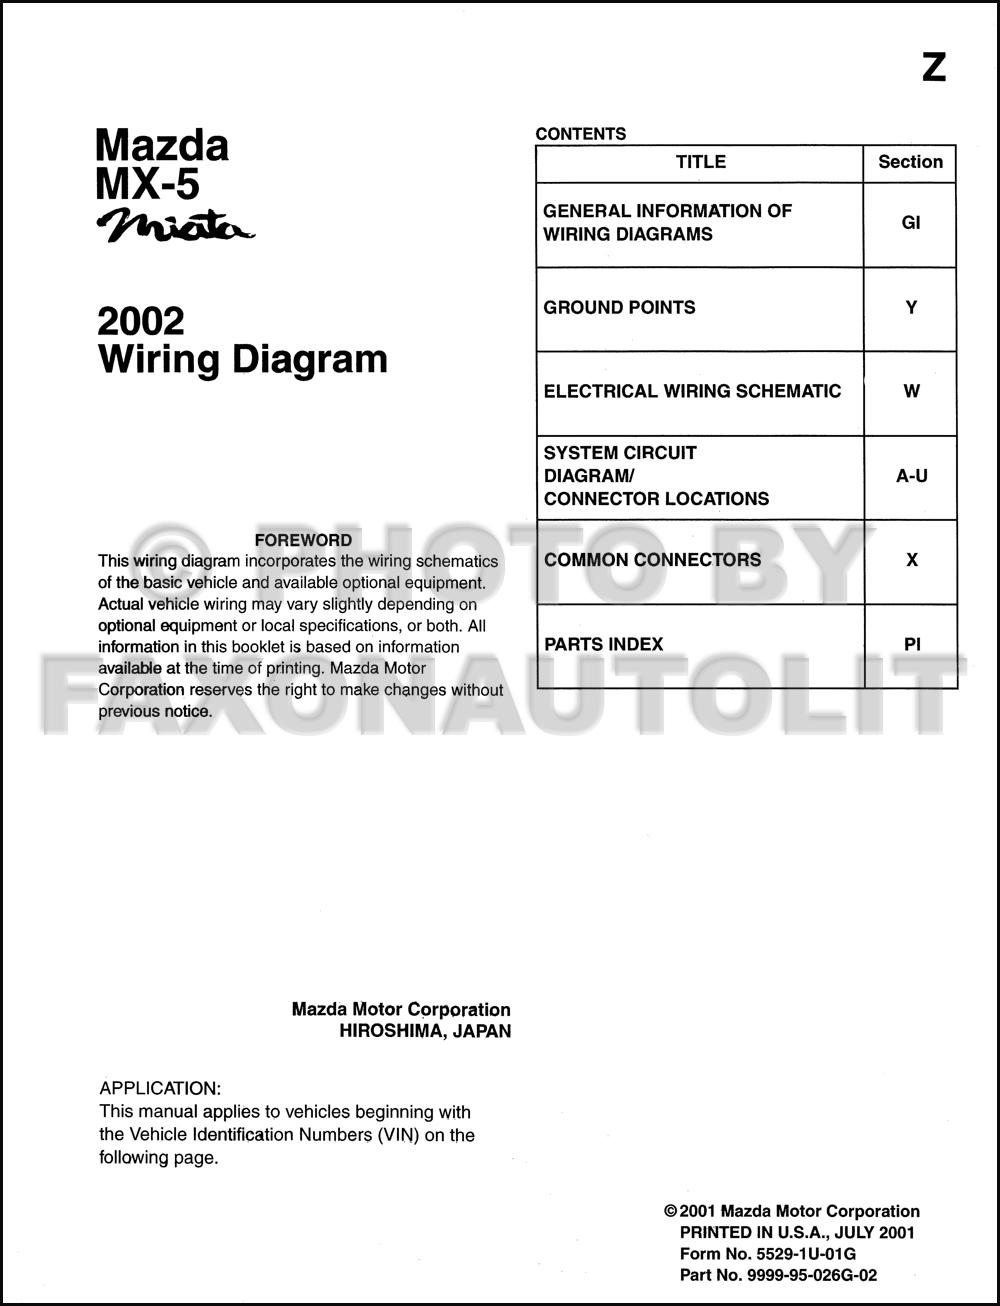 medium resolution of 2002 mazda mx 5 miata wiring diagram manual original 1994 mazda miata wiring diagram 1994 mazda miata wiring diagram